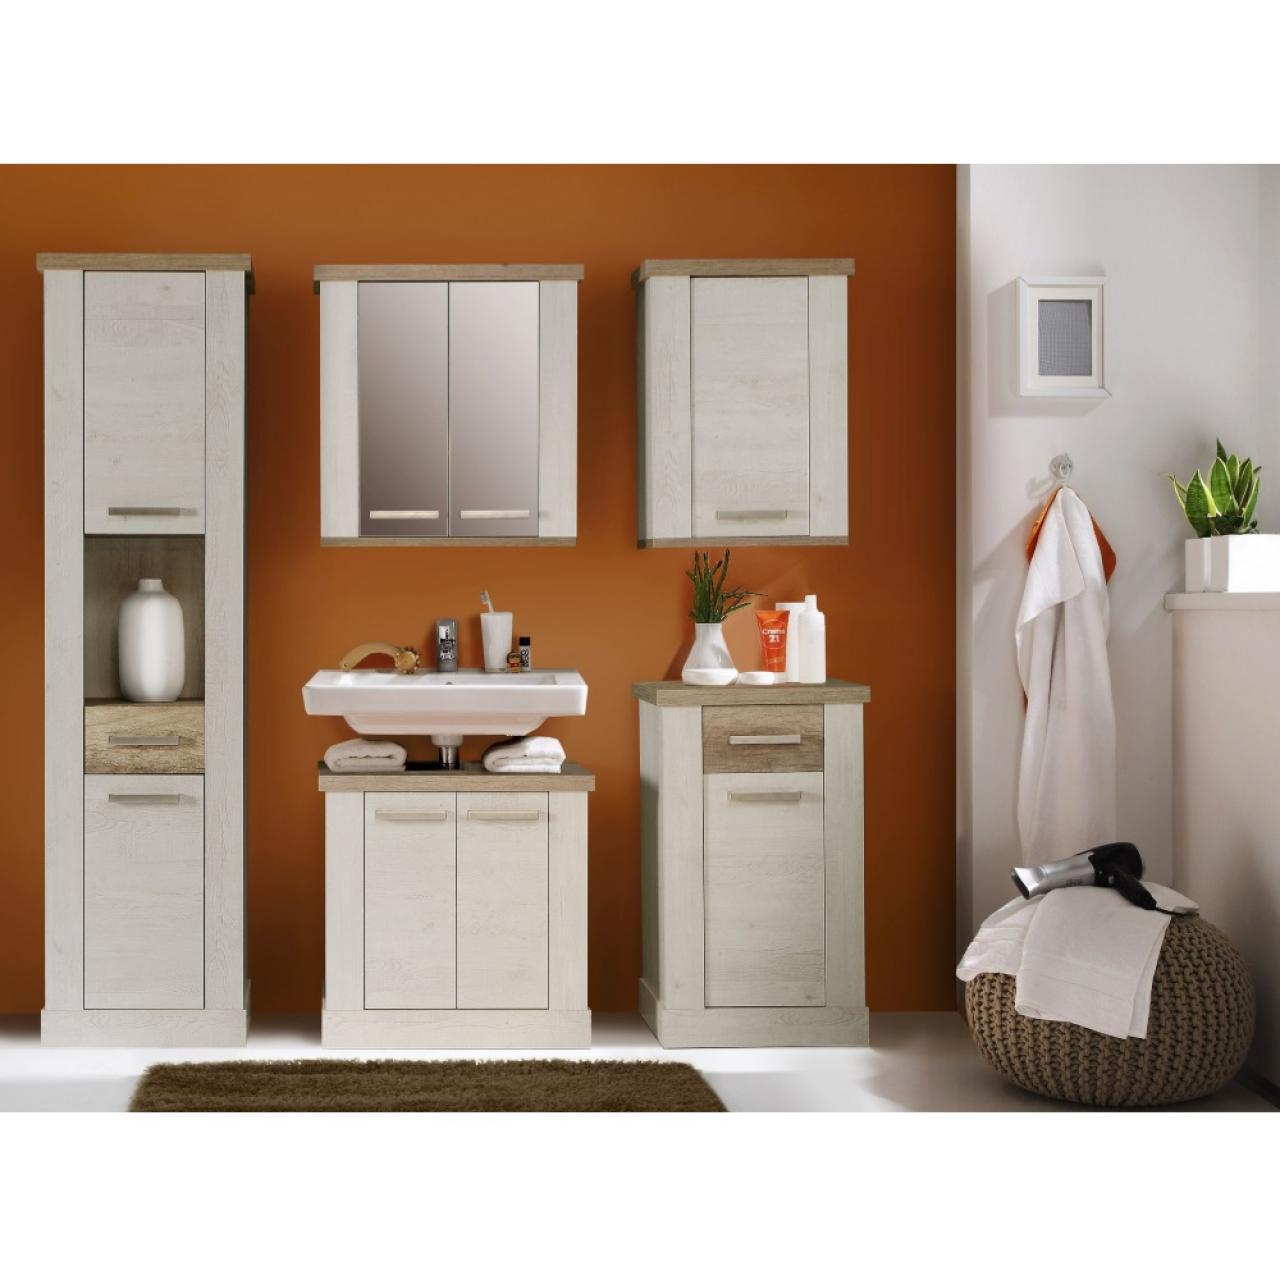 kommode duro badm bel pinie wei eiche antik m bel j hnichen center gmbh. Black Bedroom Furniture Sets. Home Design Ideas